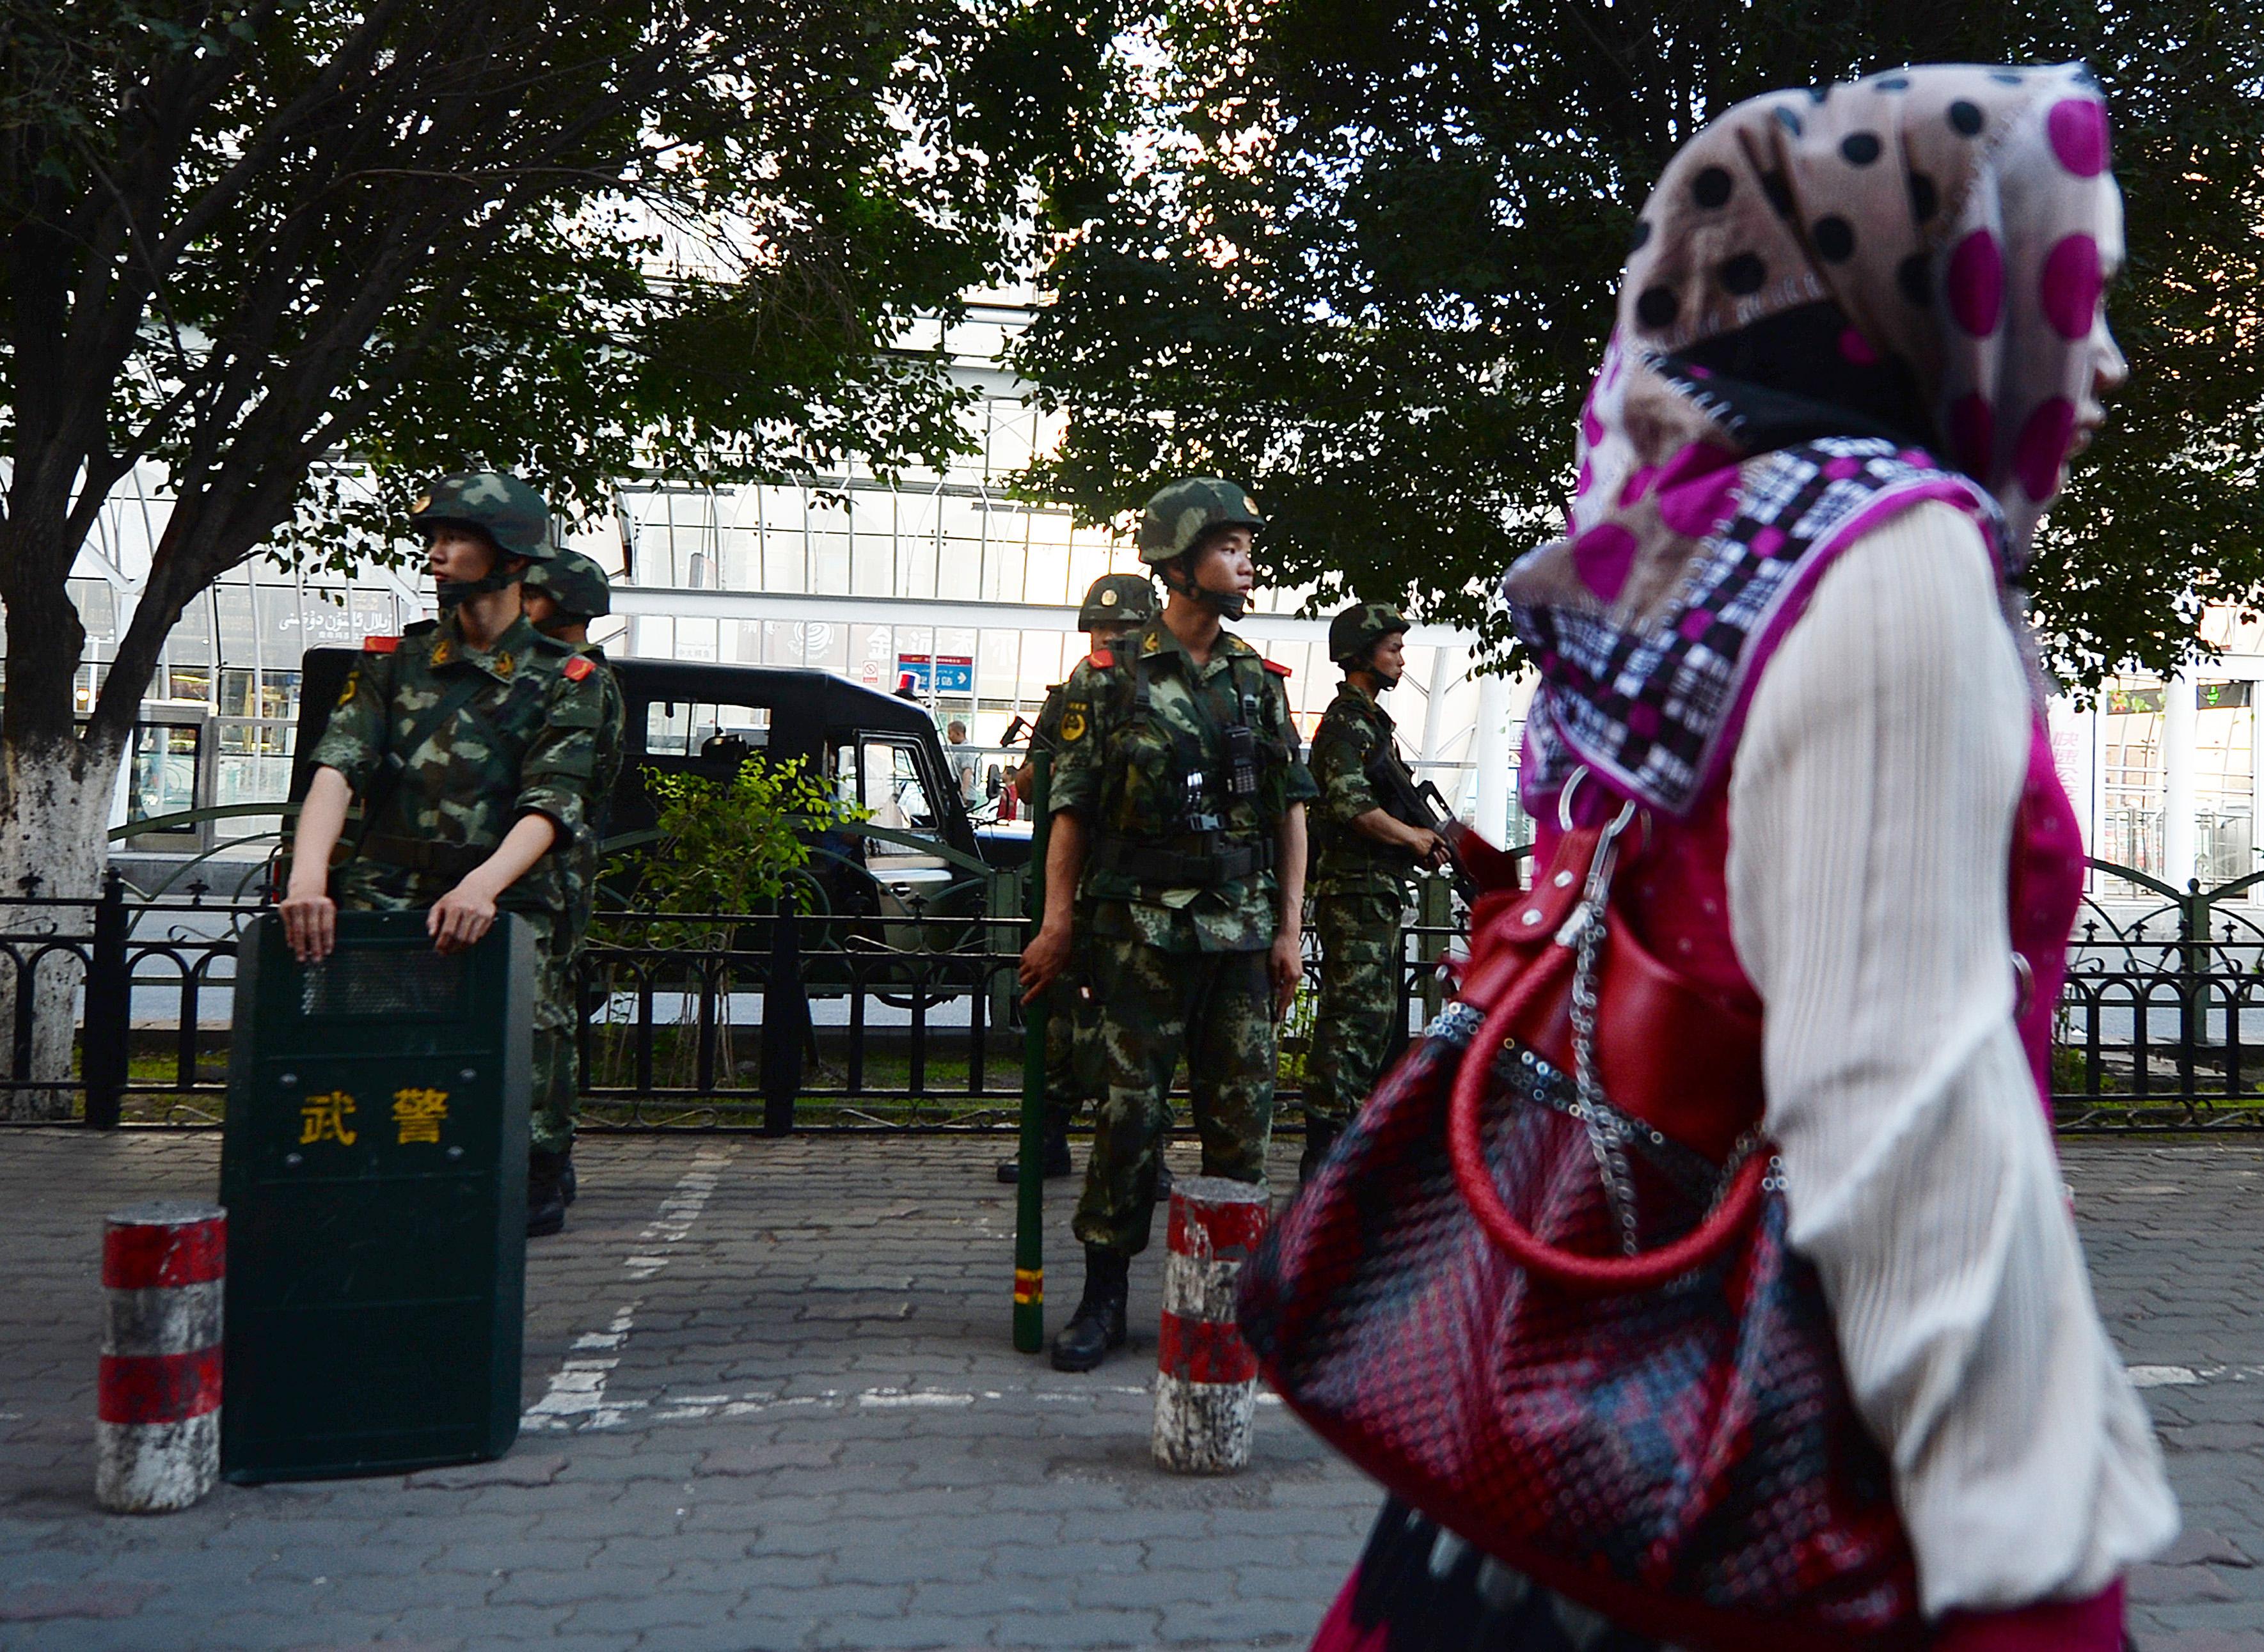 A Twitter befagyasztotta Kína amerikai nagykövetségének a fiókját egy ujgurokról szóló tweet miatt, Kína szerint a történetben ő az áldozat